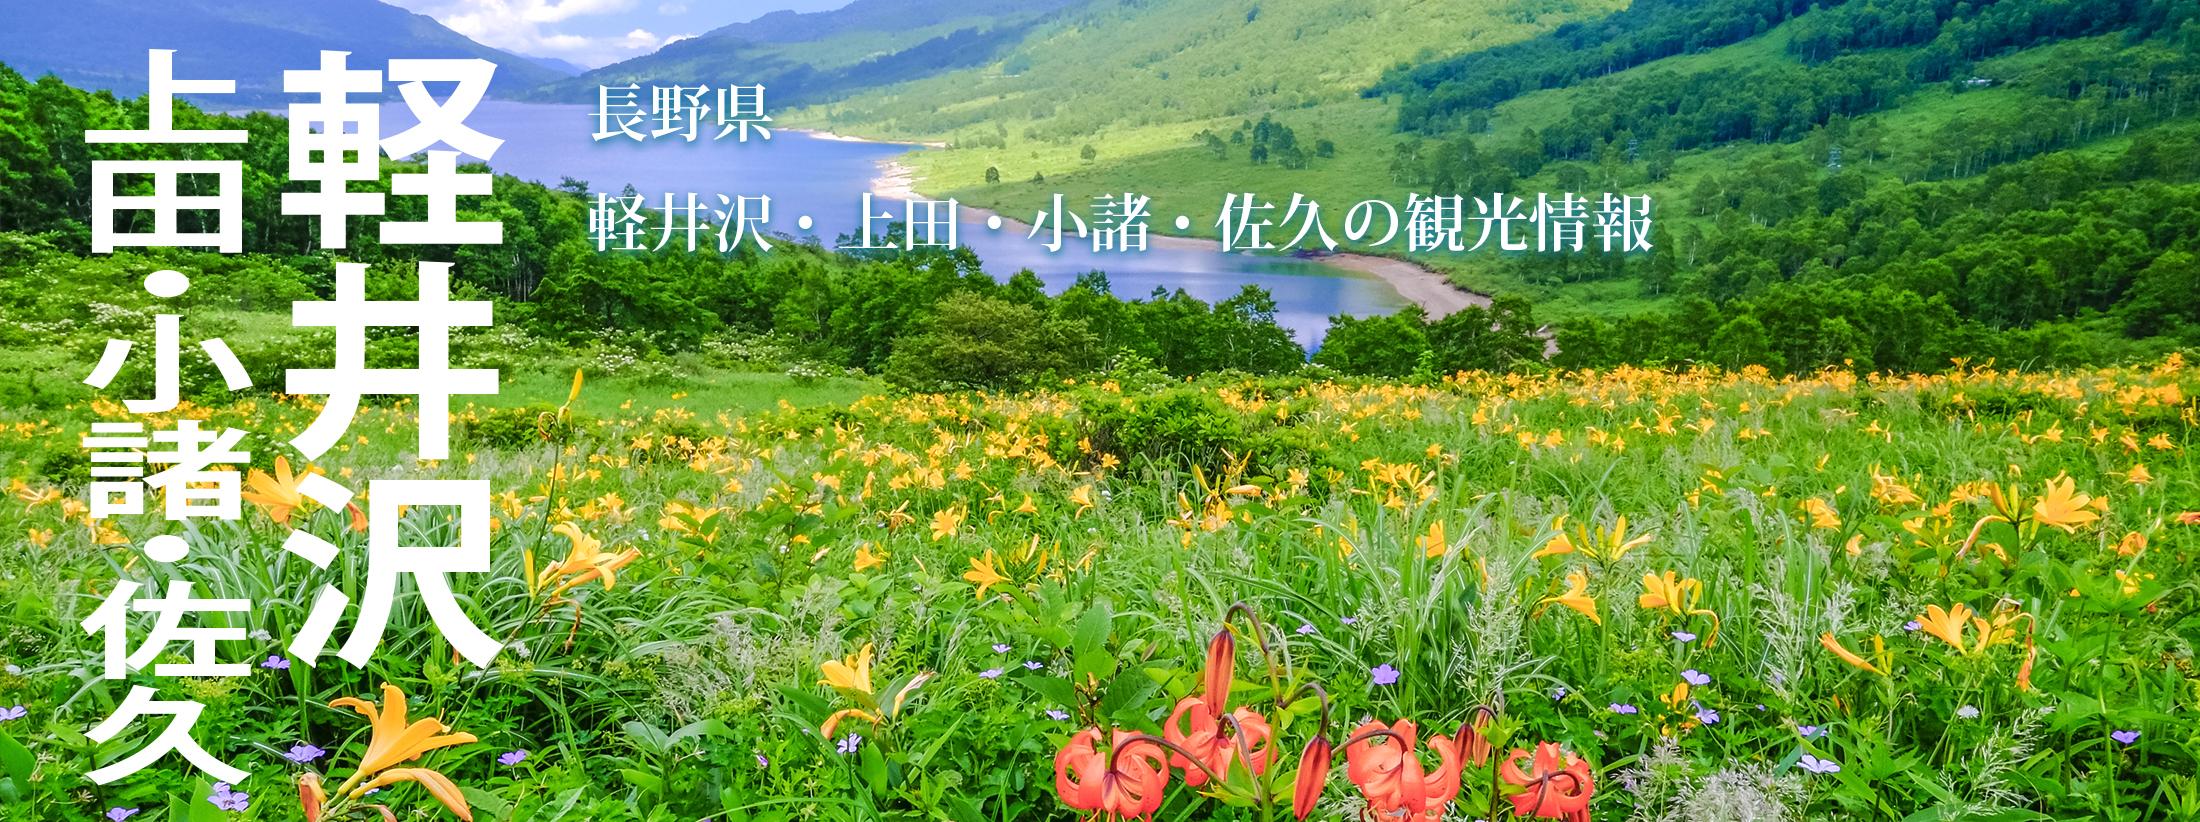 軽井沢・上田・小諸・佐久